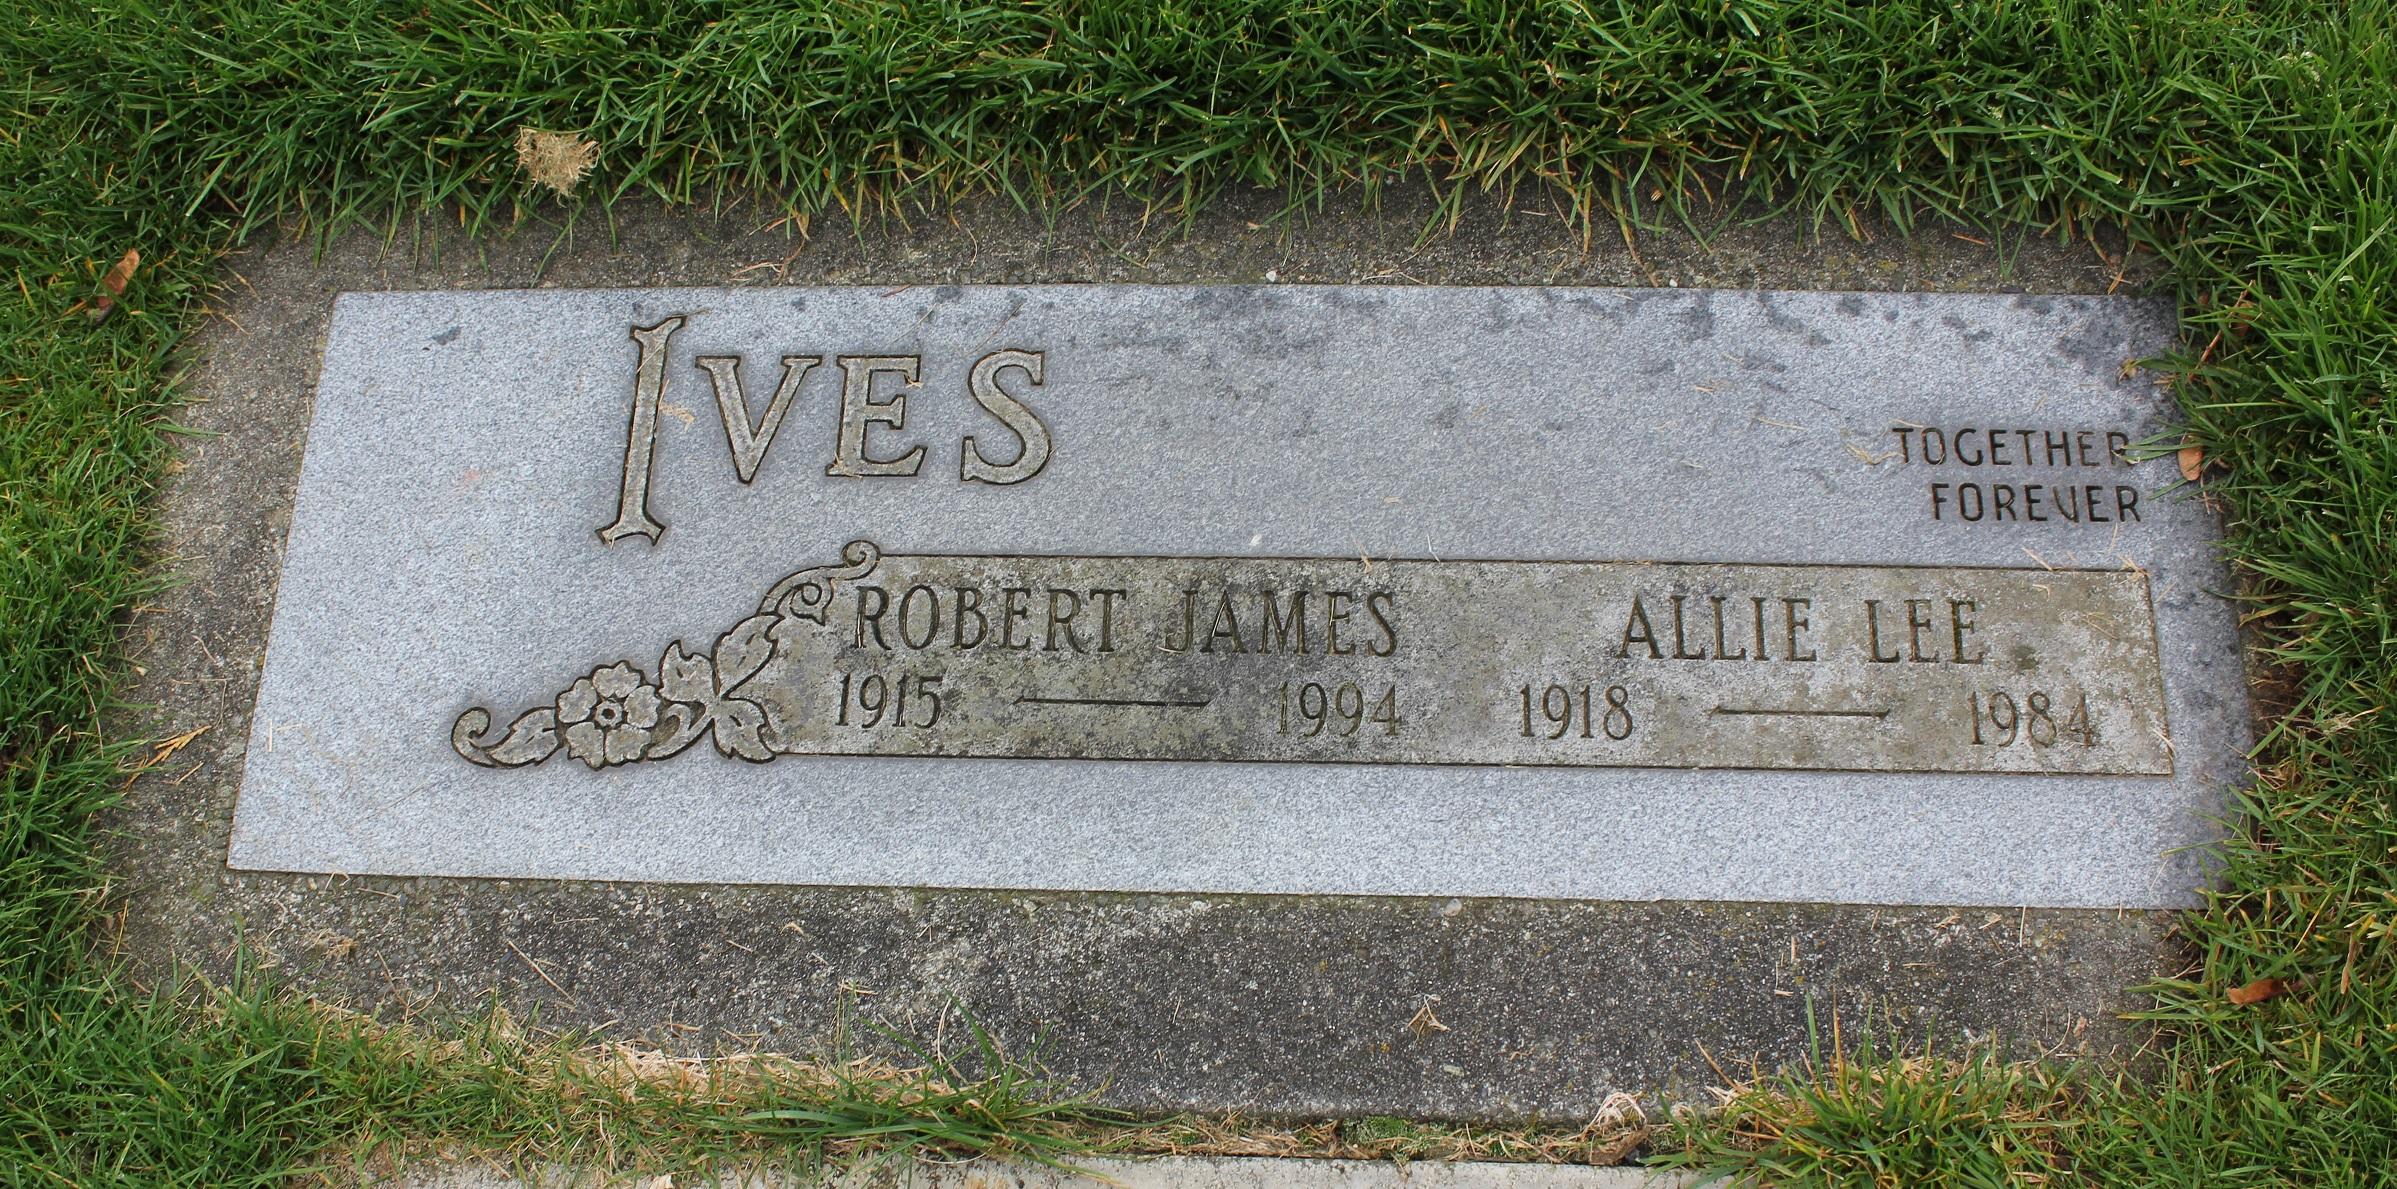 Allie Lee Ives